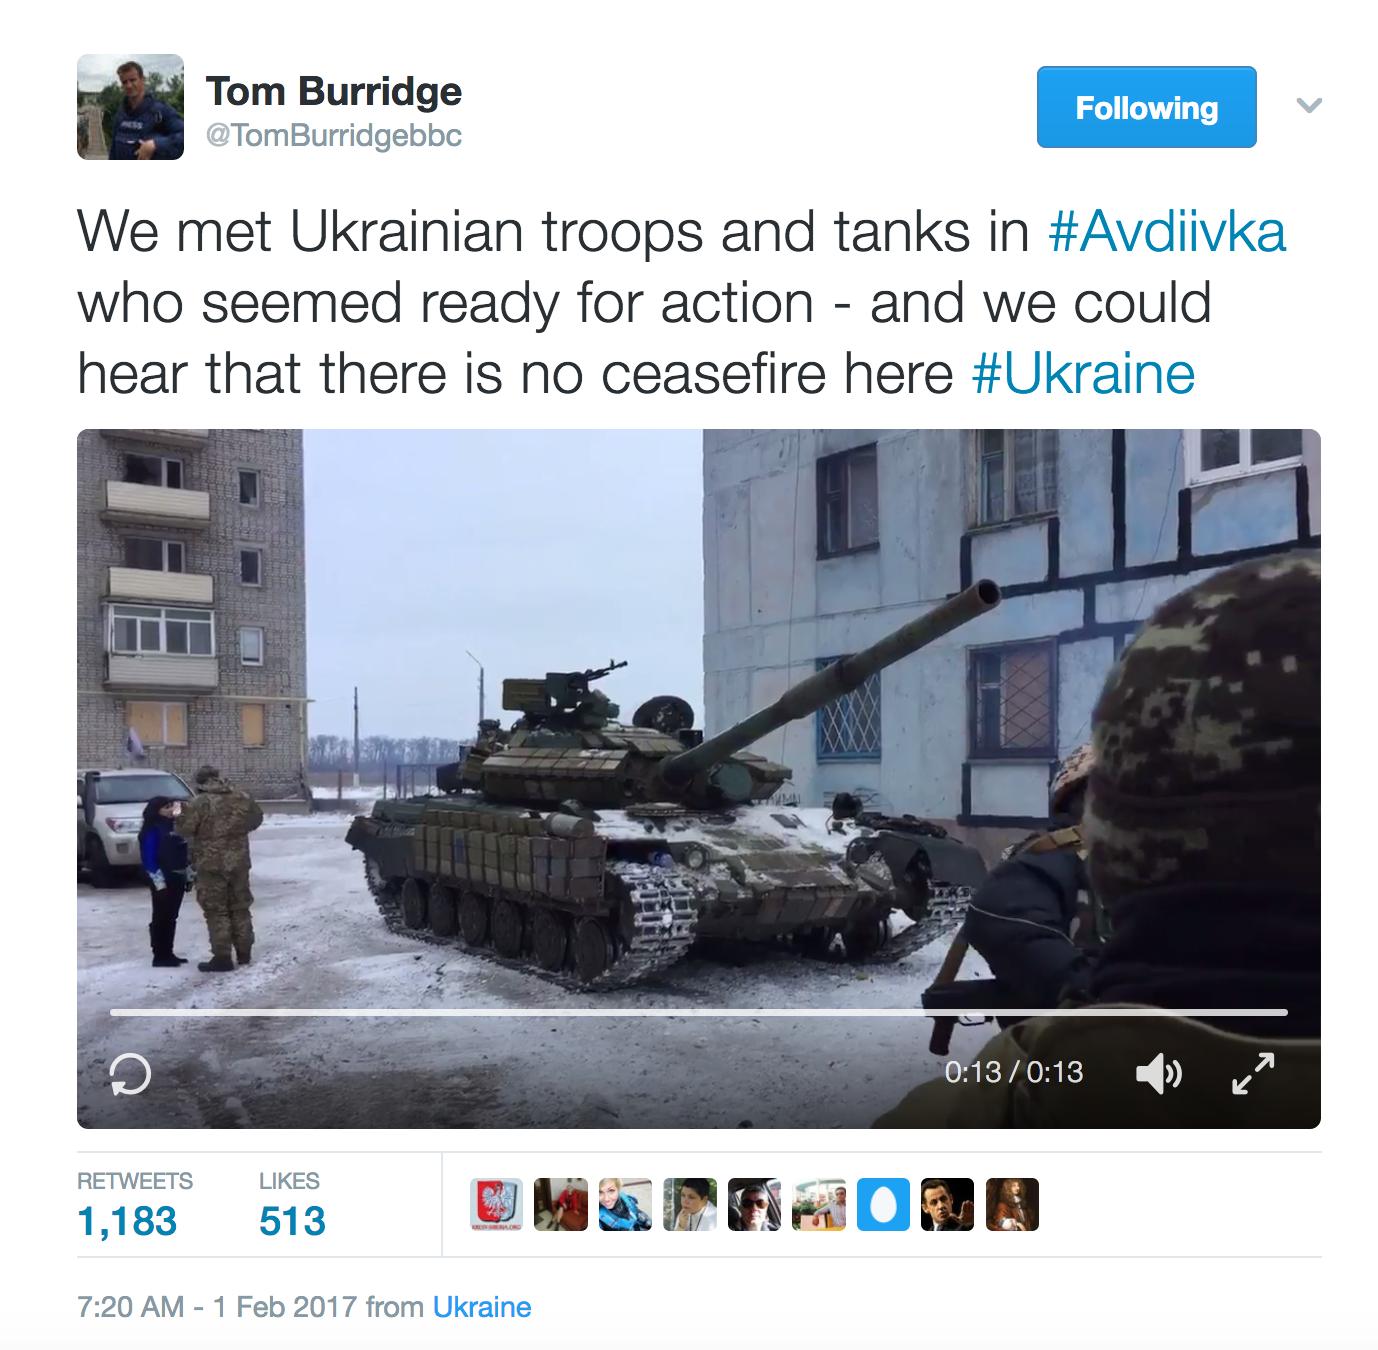 Лавров счел бесполезным взывать ксовести украинских властей